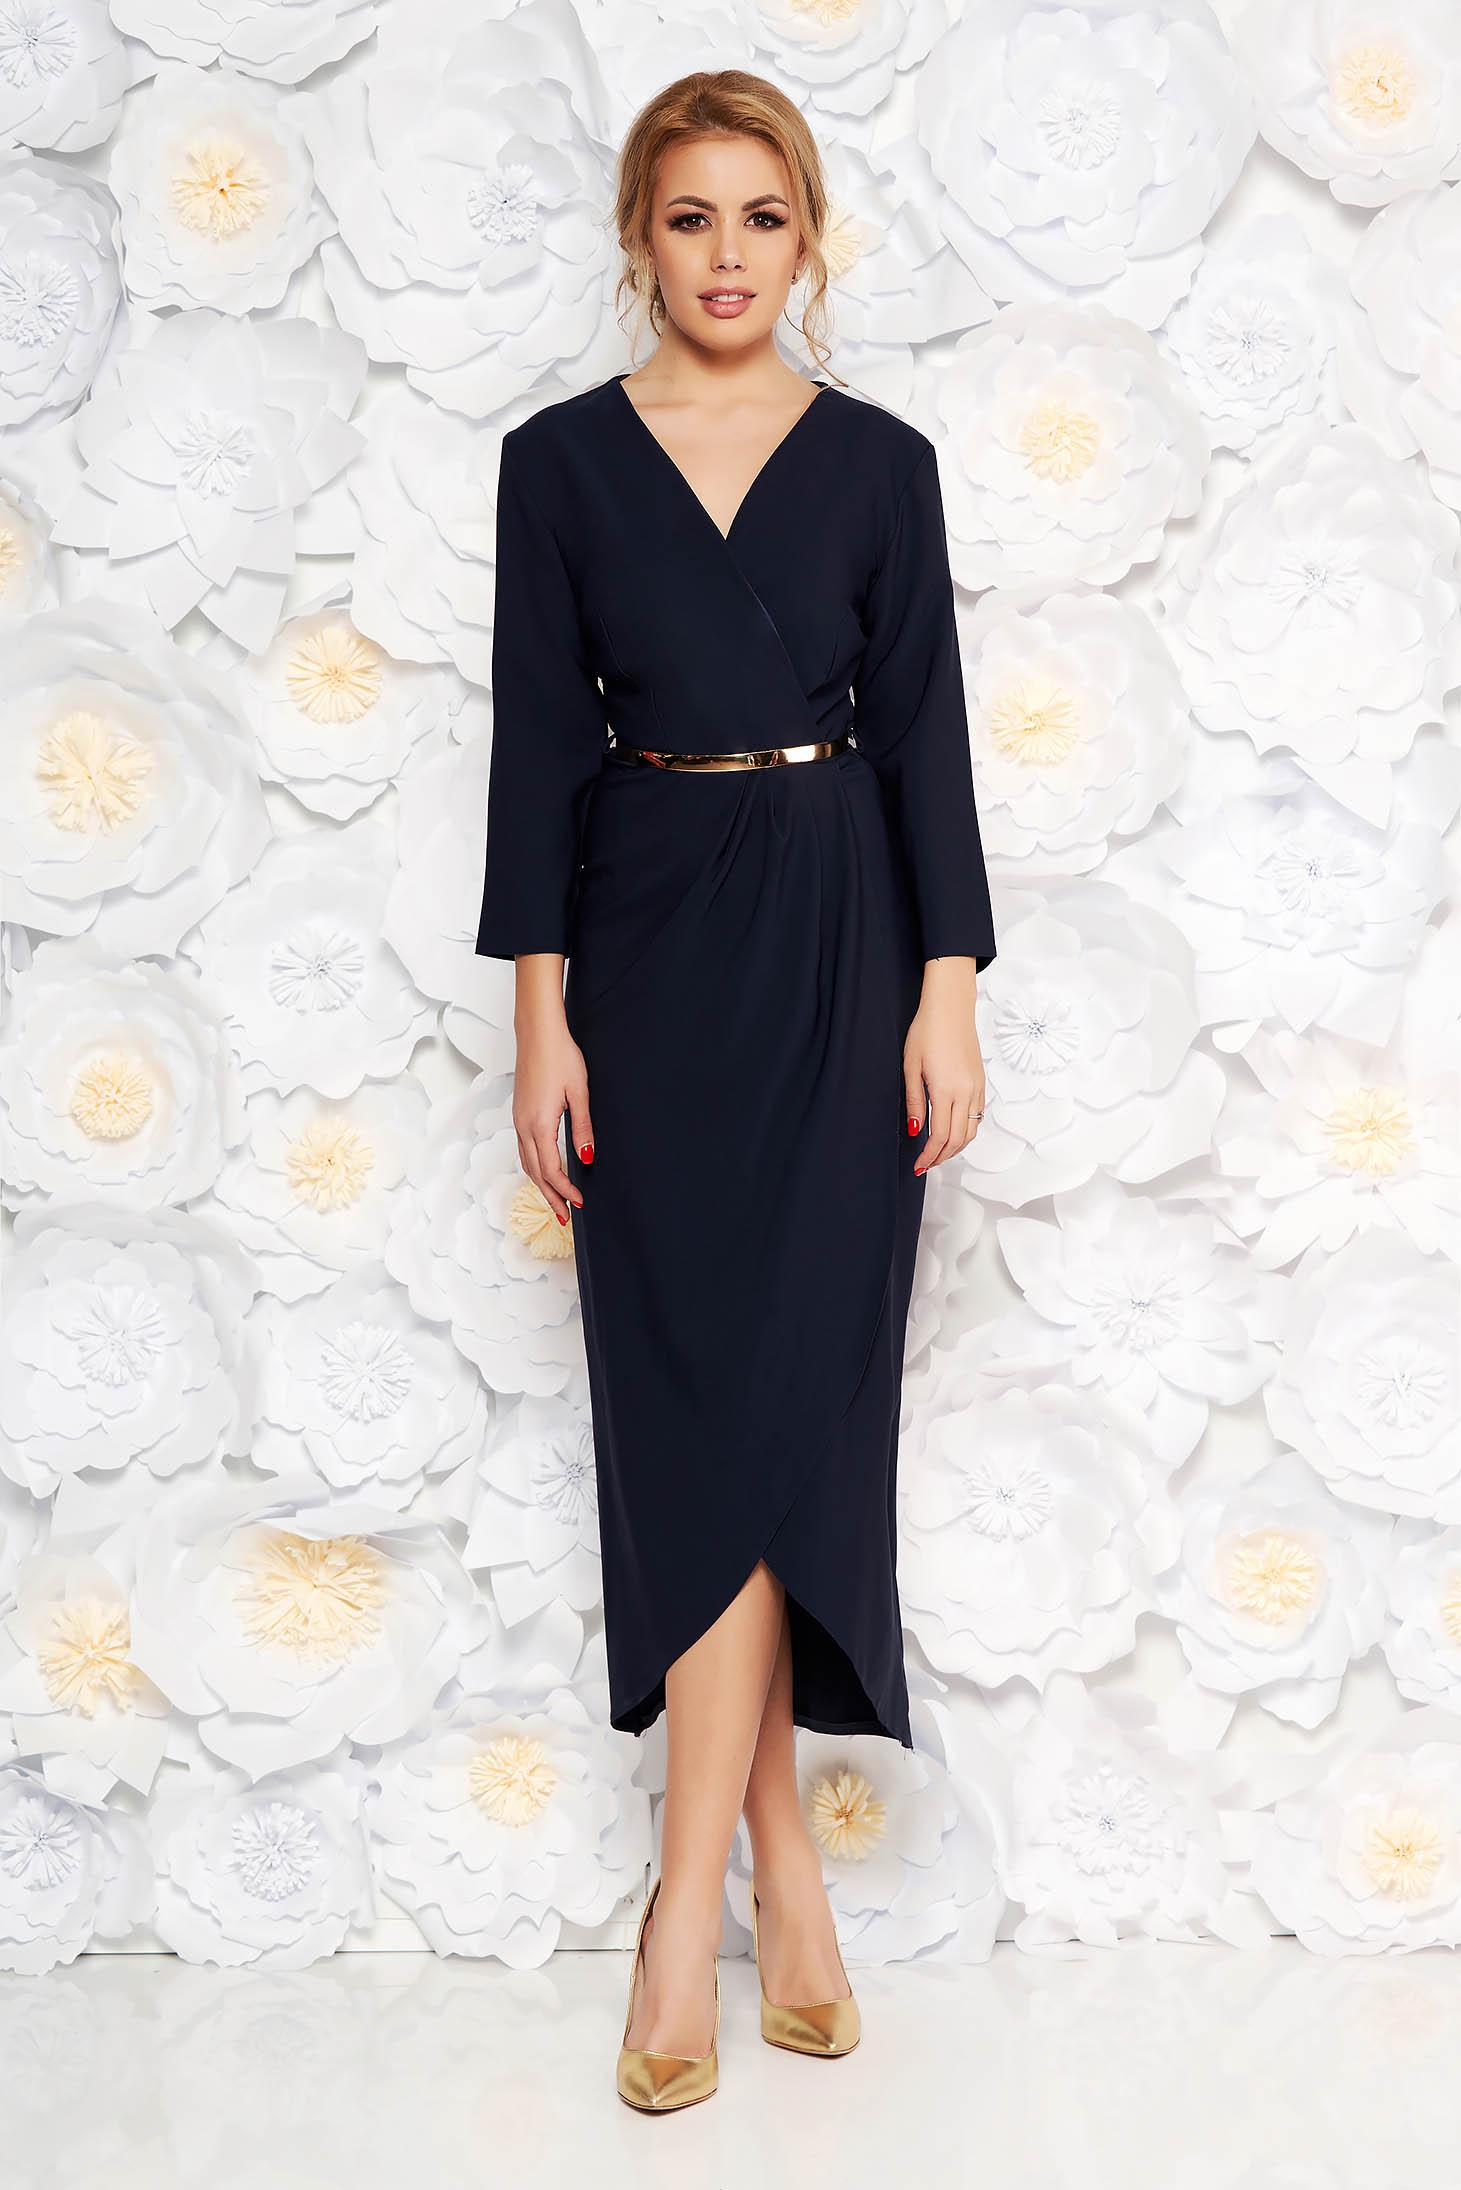 97cc9c8c1f Sötétkék elegáns ruha enyhén rugalmas szövet belső béléssel öv típusú  kiegészítővel